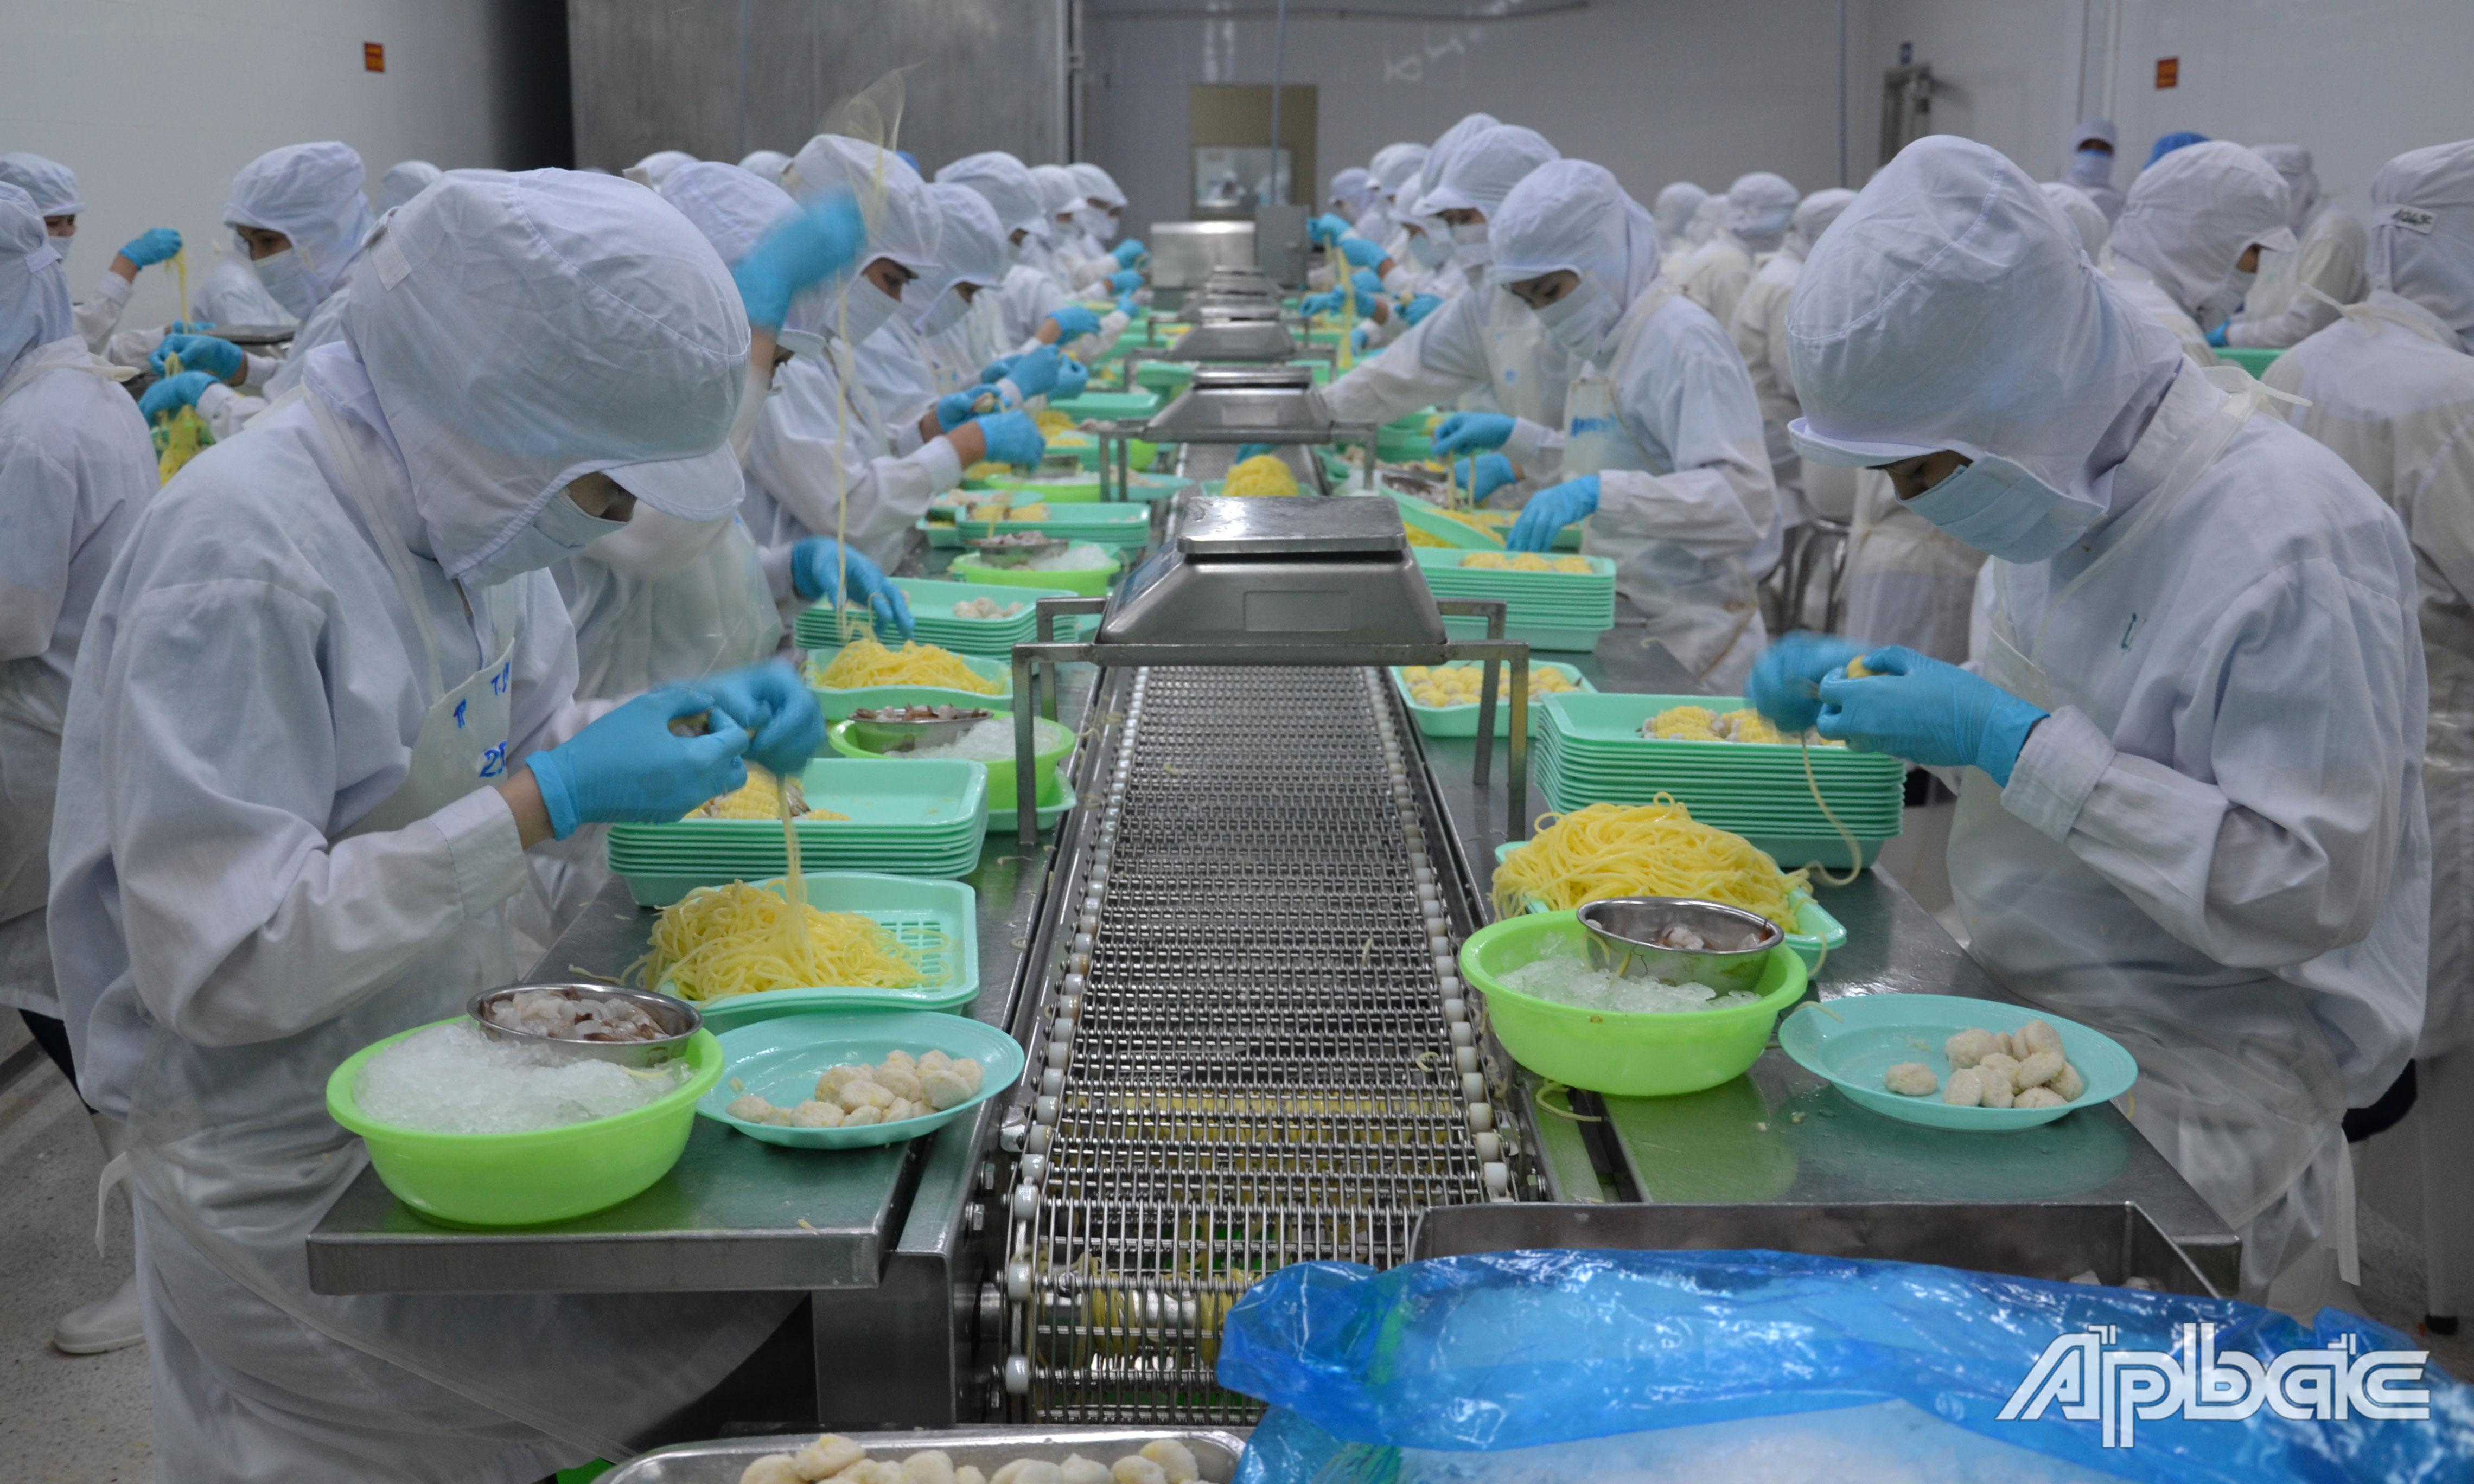 HHDN tỉnh tiếp tục tập hợp ý kiến, đề xuất của doanh nghiệp về những vướng mắc trong sản xuất, kinh doanh để kiến nghị với tỉnh và các ngành chức năng liên quan.